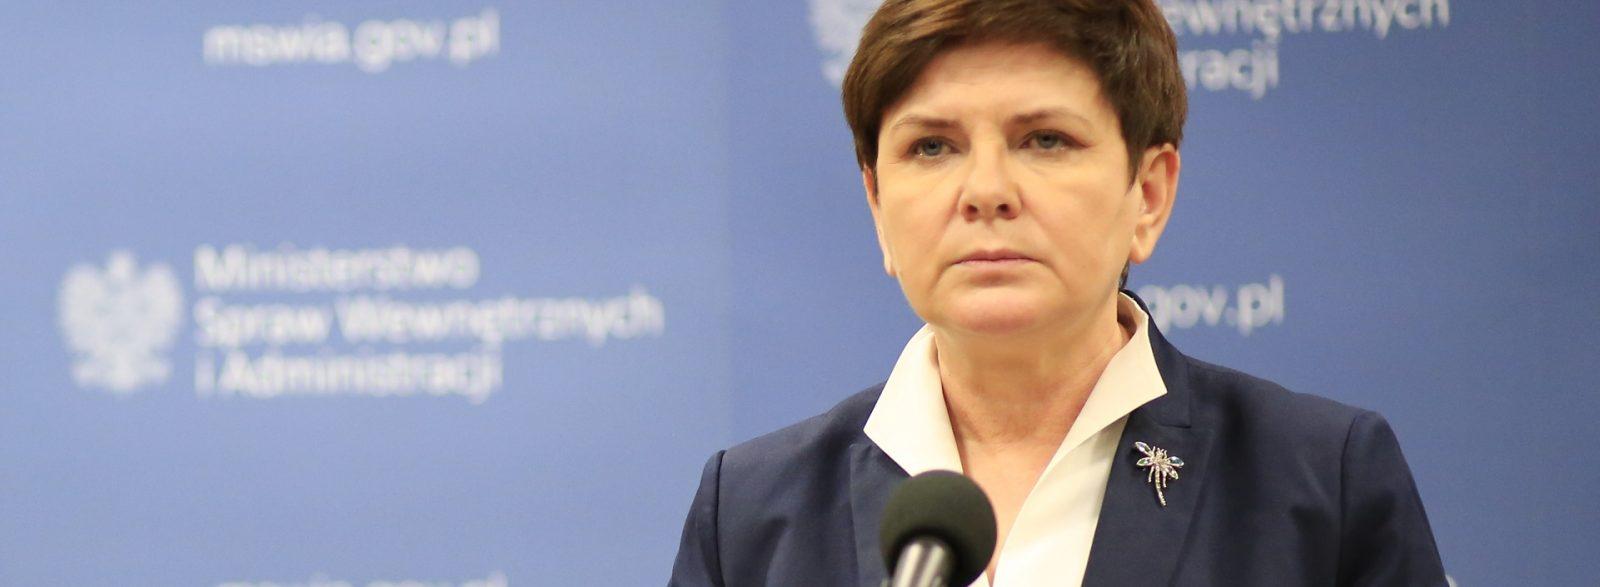 Niemcy pomogą w wyjaśnieniu przyczyn wypadku limuzyny byłej premier Beaty Szydło